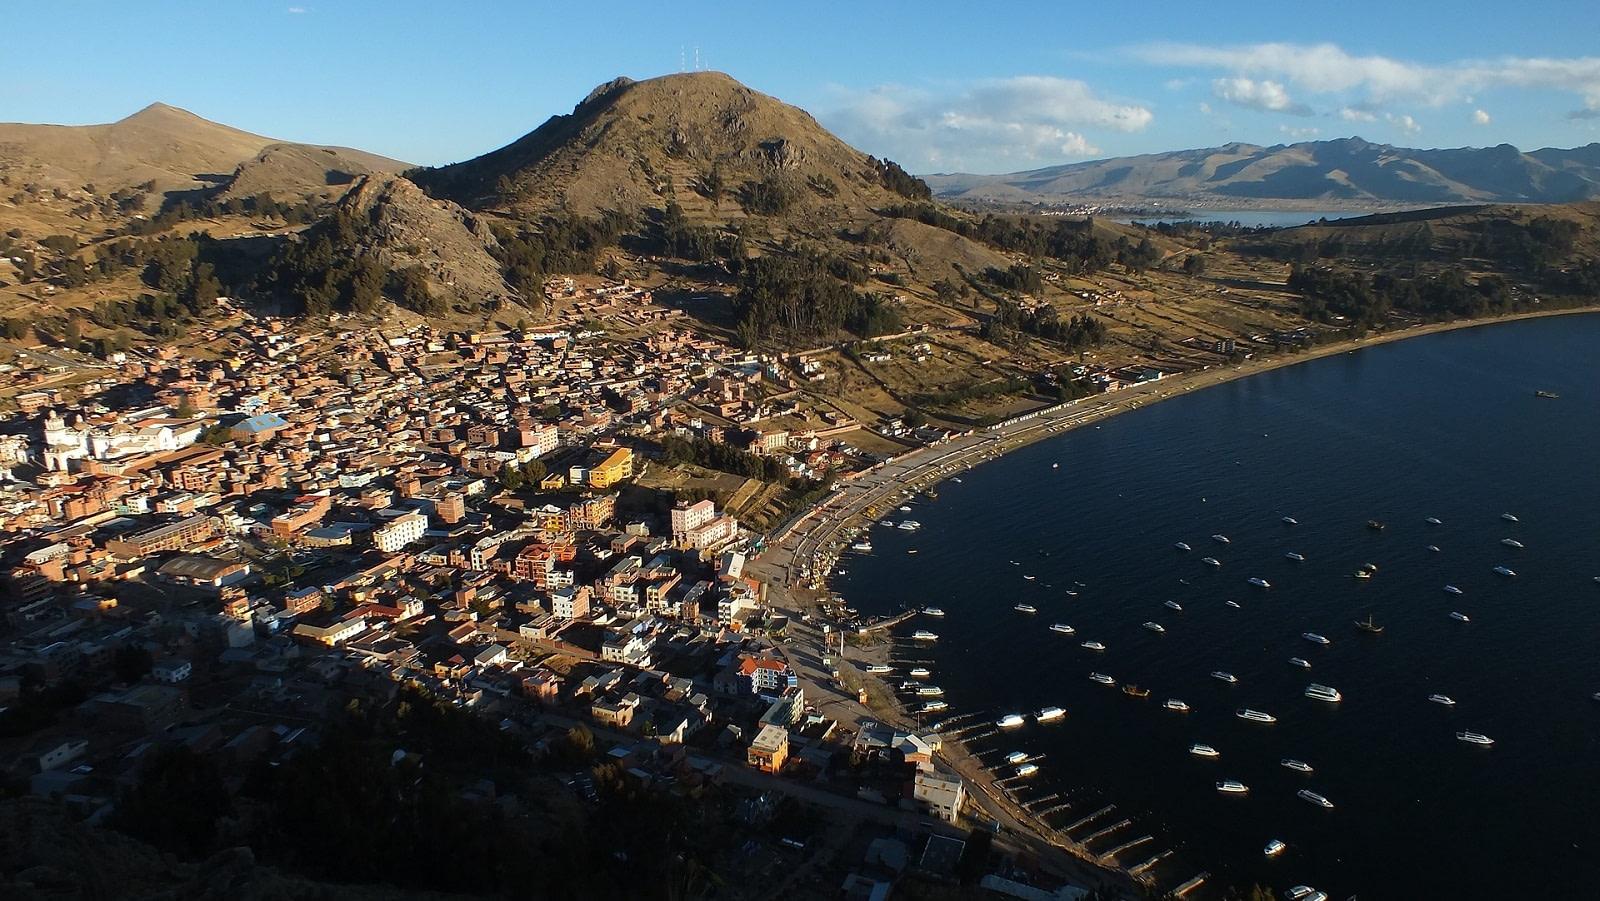 copacabana bolivia titicaca